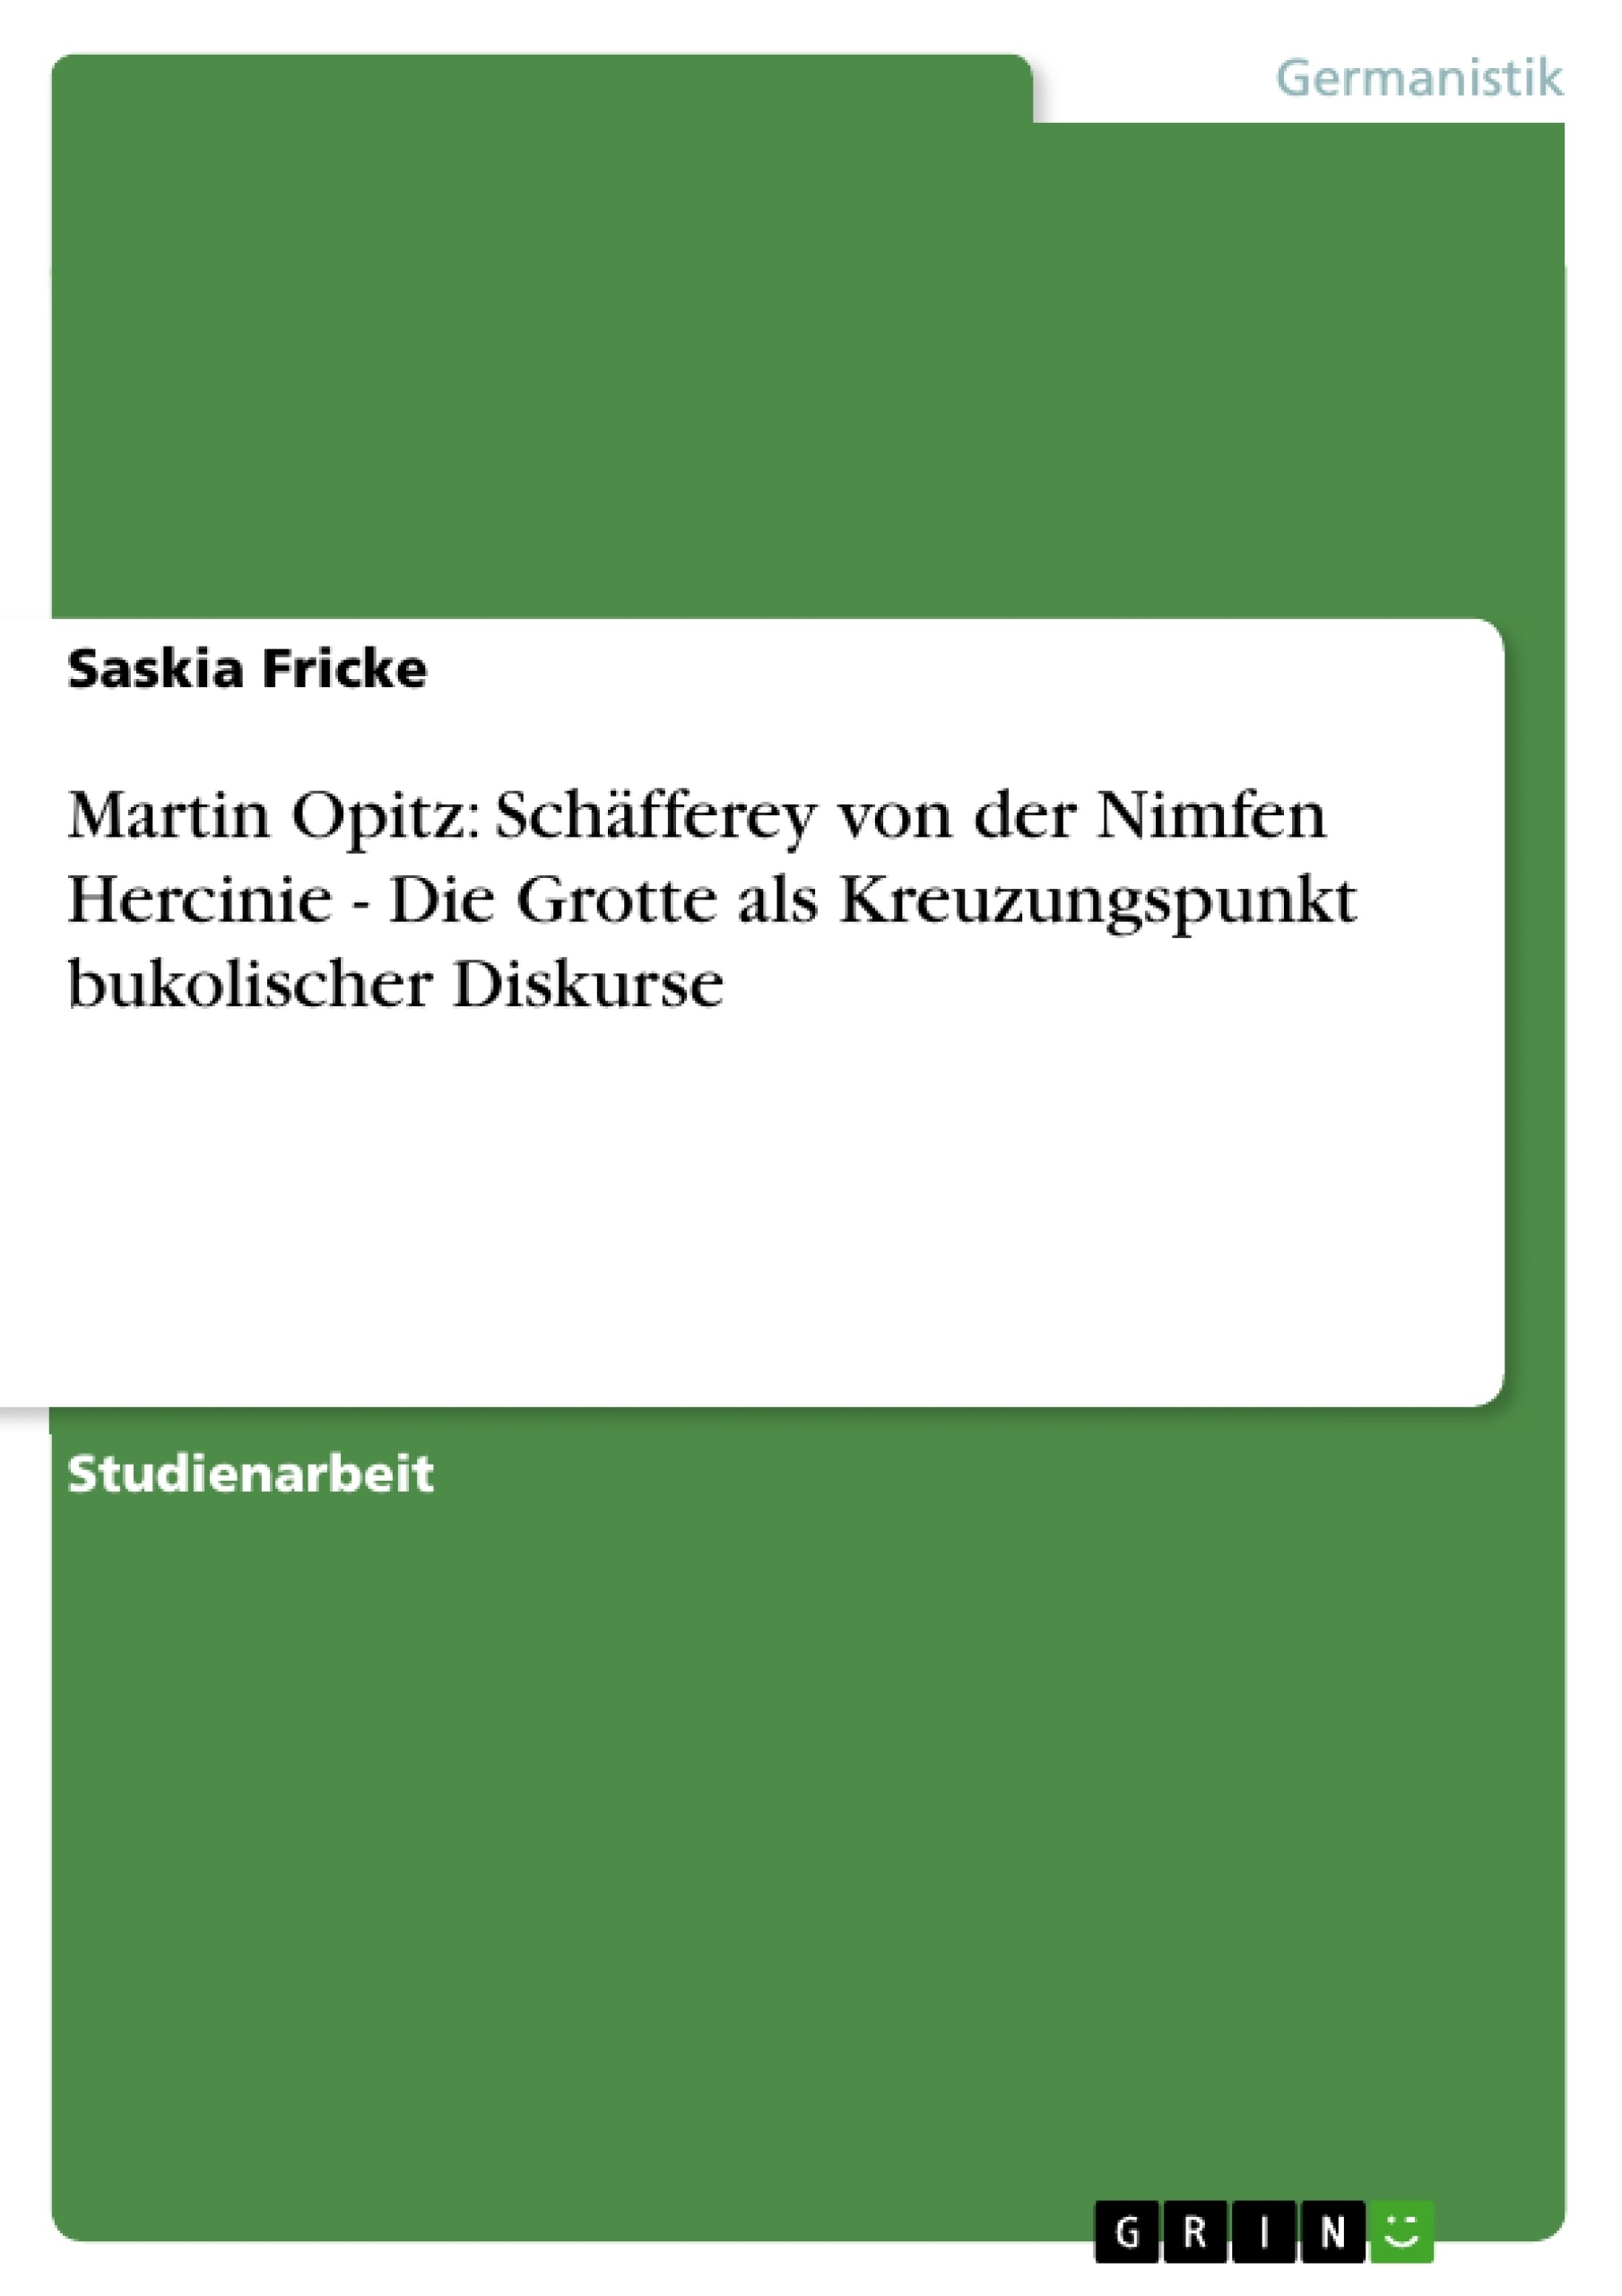 Titel: Martin Opitz: Schäfferey von der Nimfen Hercinie - Die Grotte als Kreuzungspunkt bukolischer Diskurse